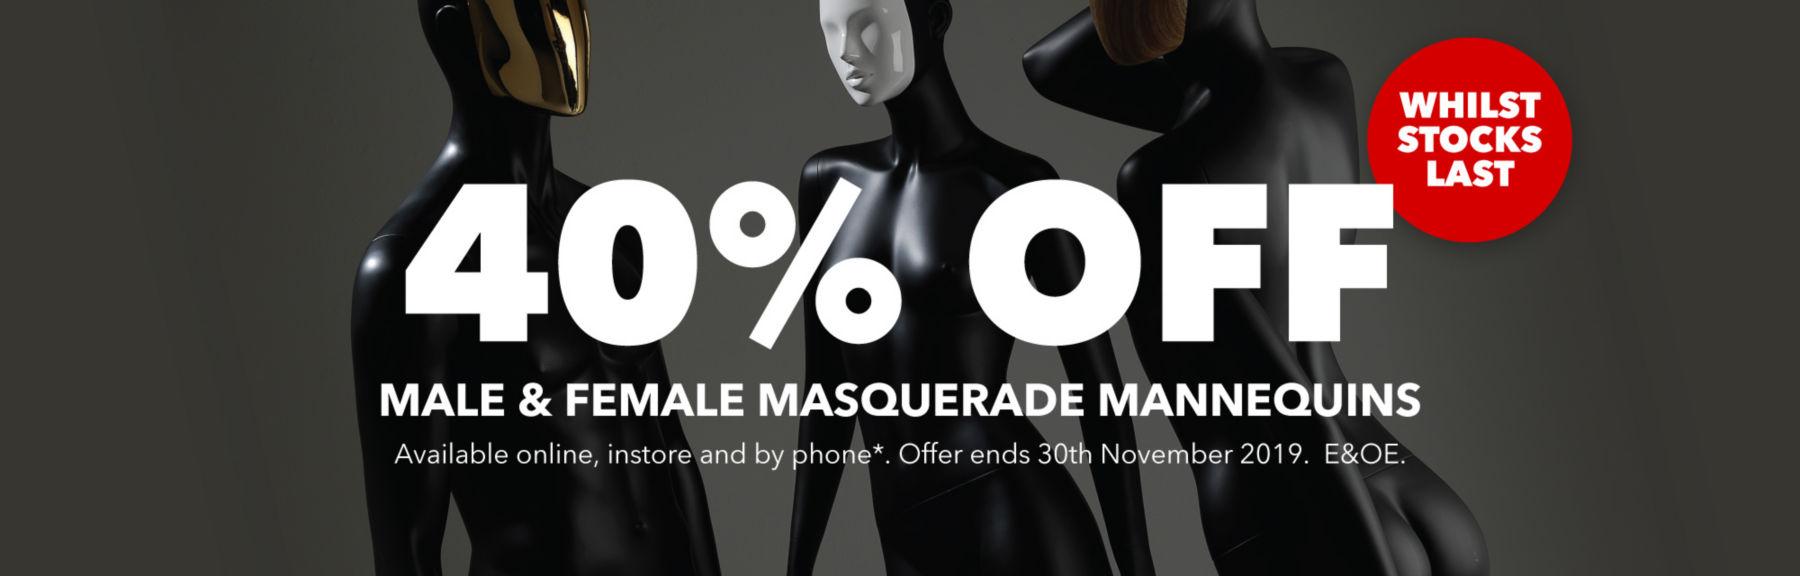 mannequins offer